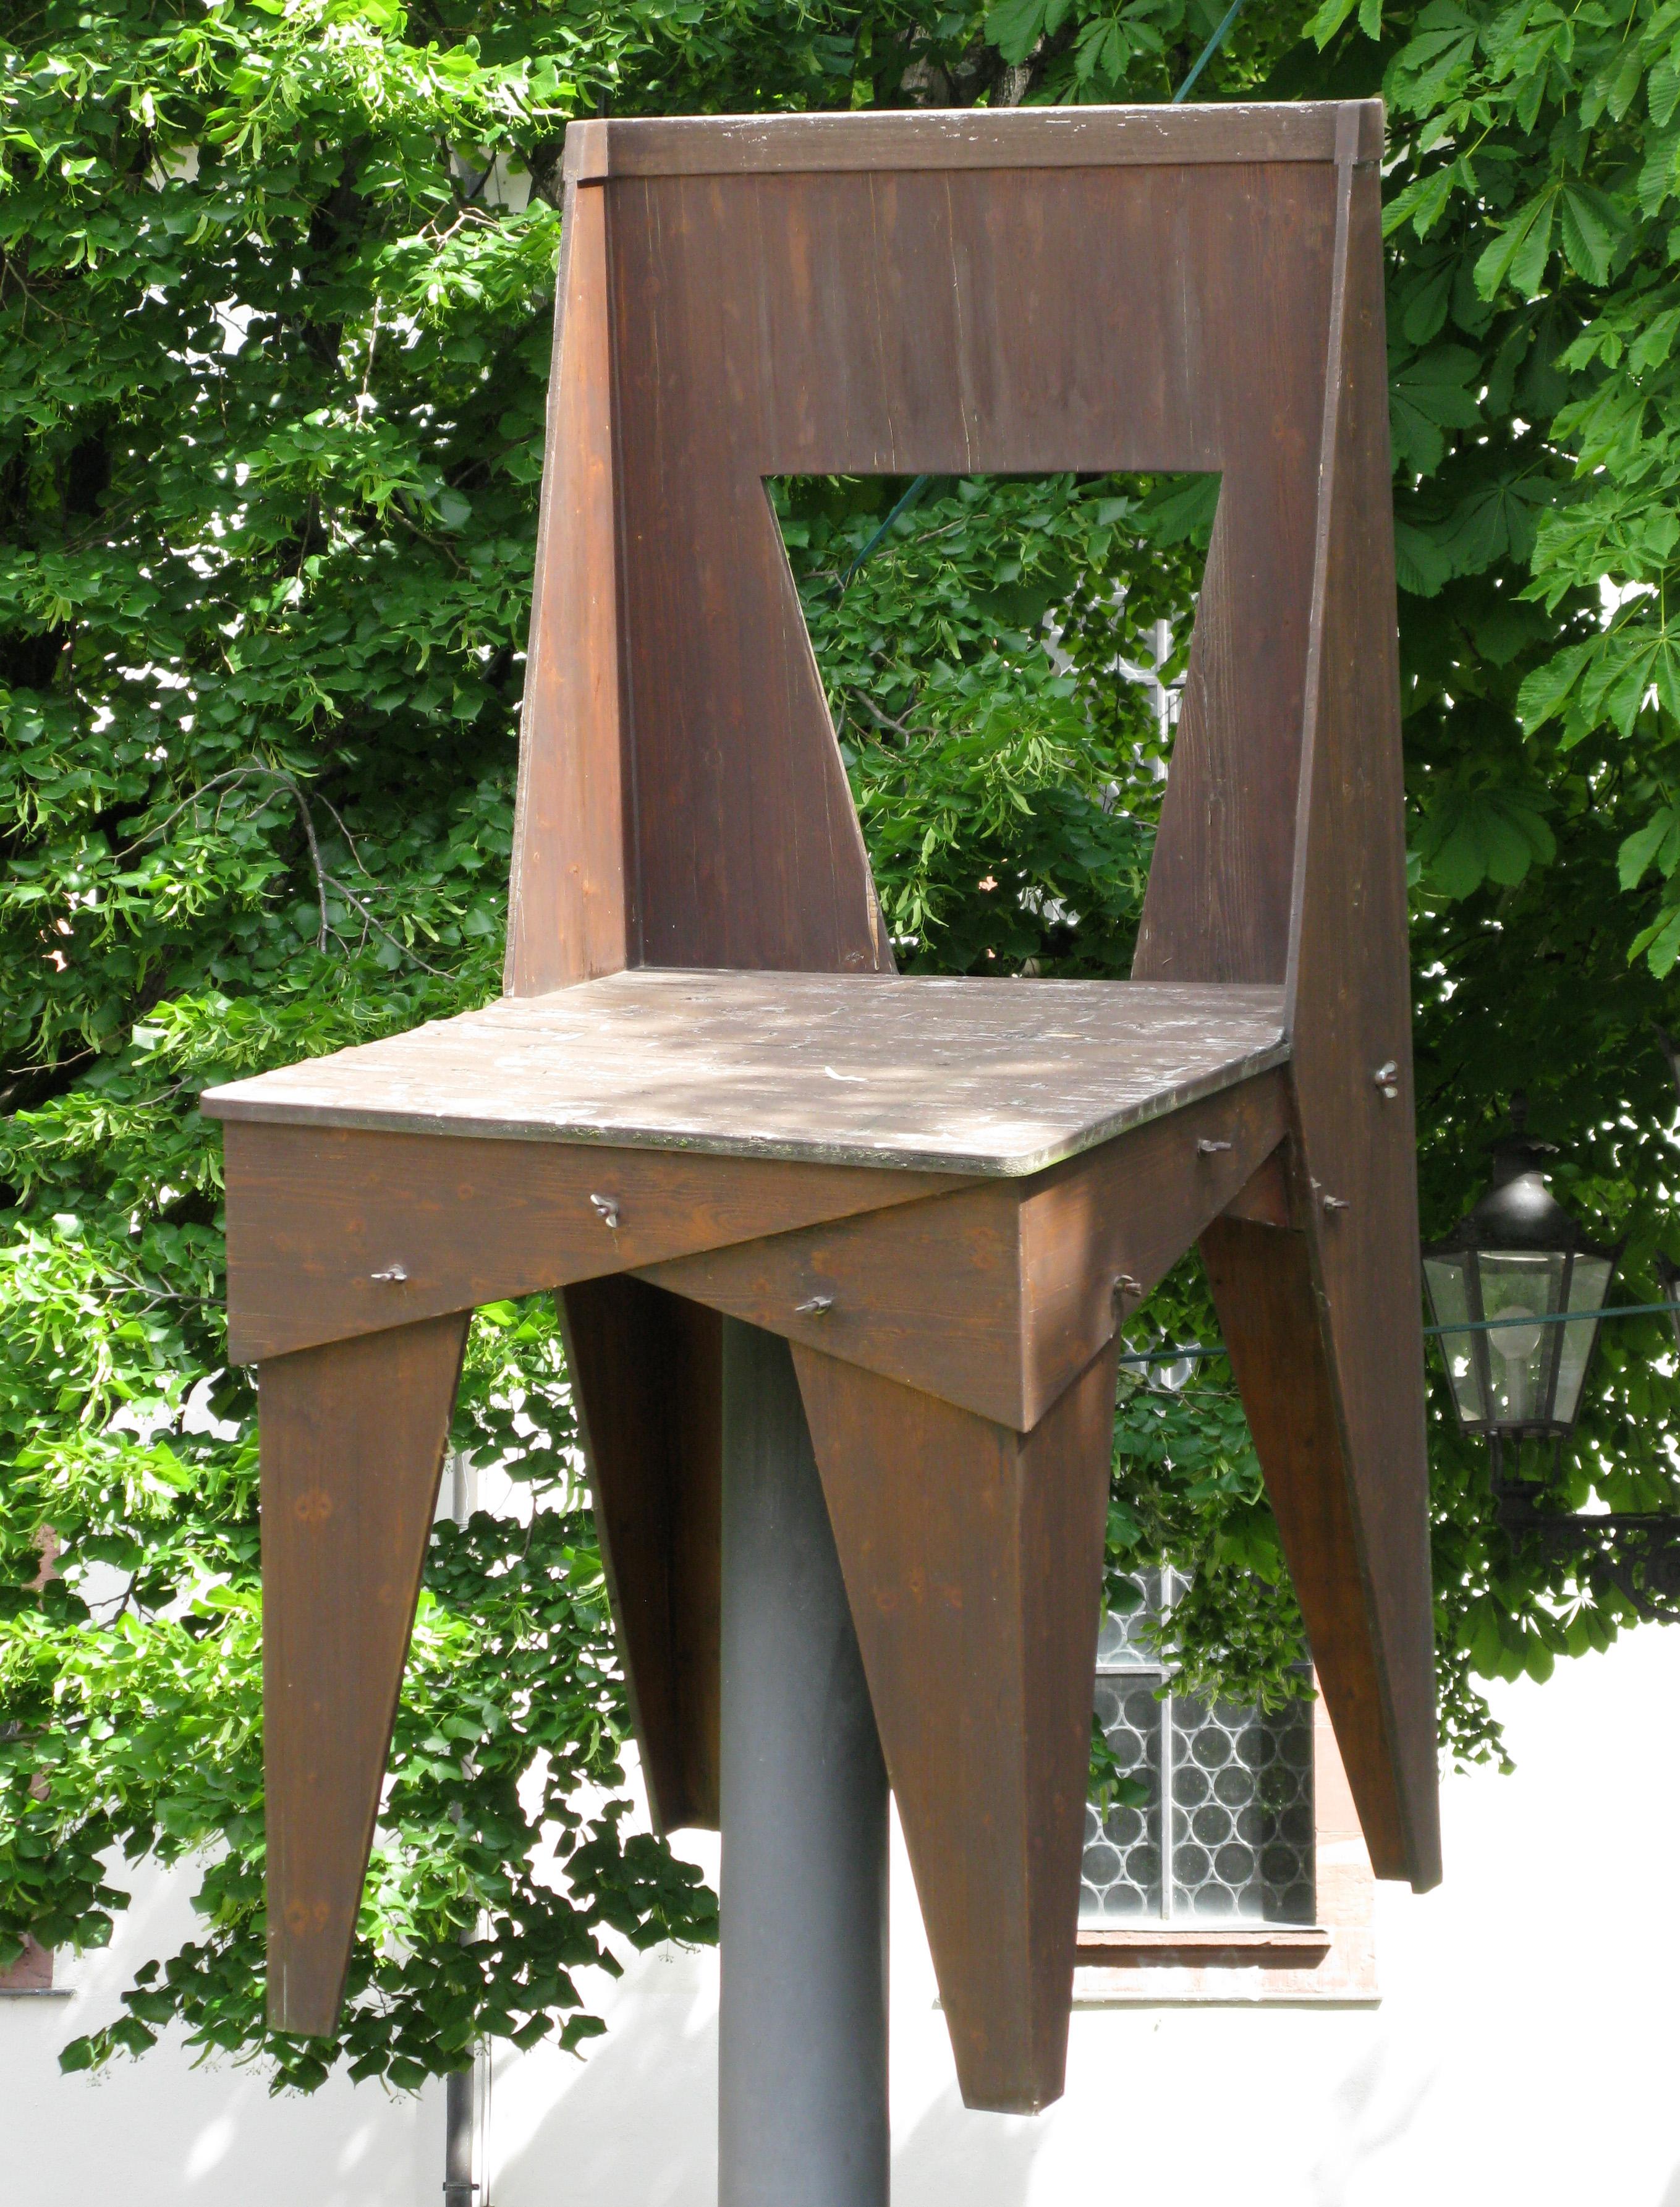 file maxistuhl wingnut chair von jasper morrison in weil am rhein altweil. Black Bedroom Furniture Sets. Home Design Ideas